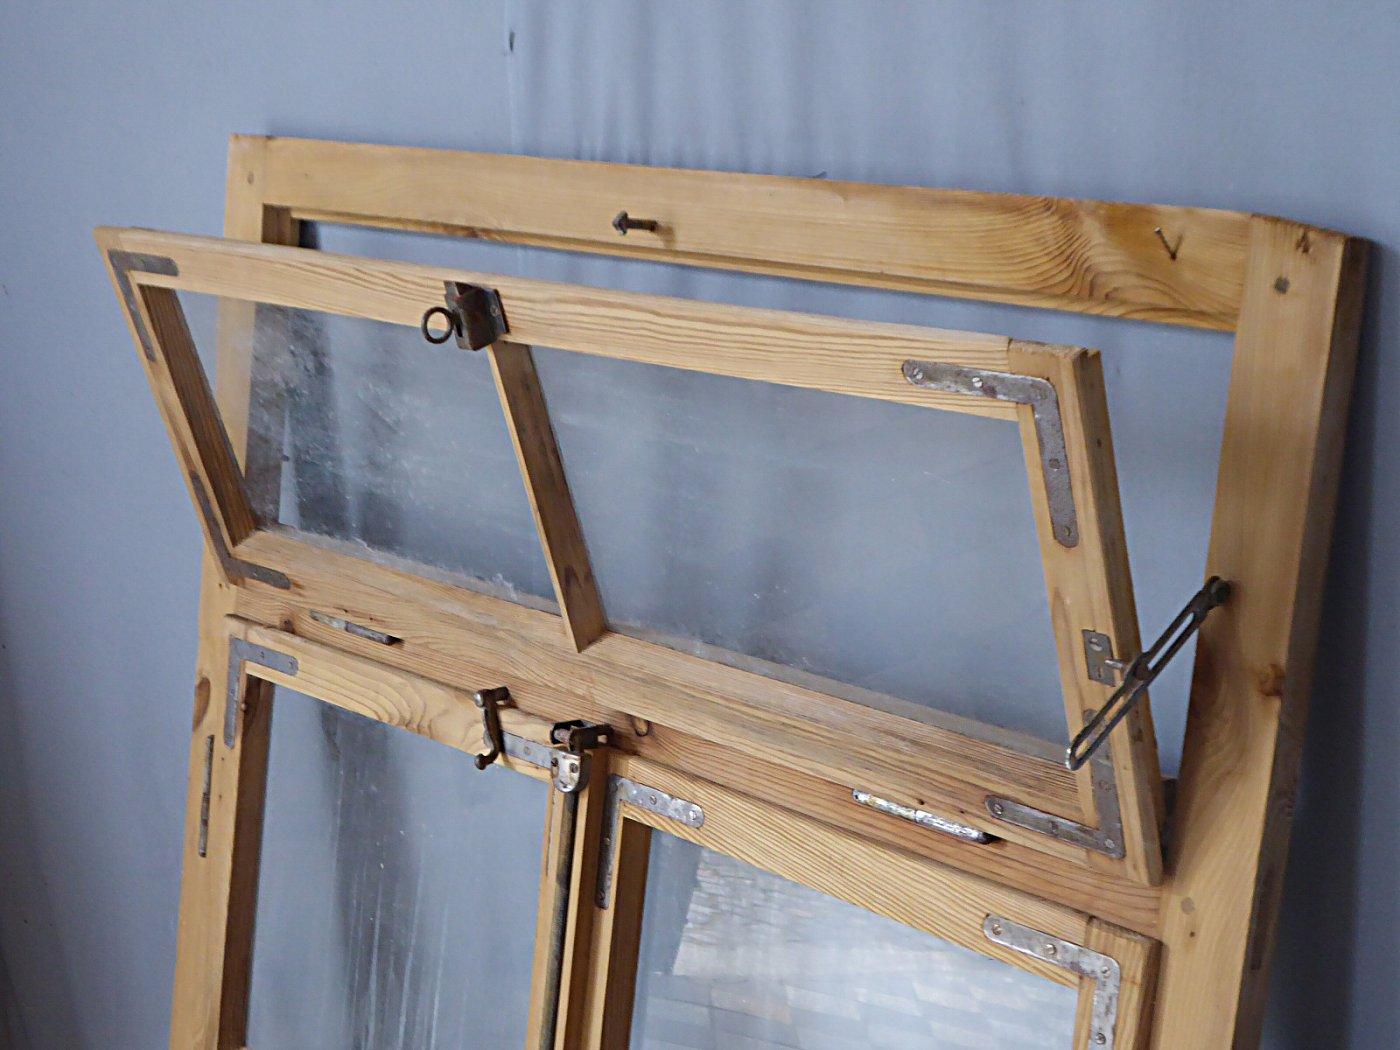 Full Size of Alte Fenster Kaufen Altes Sprossenfenster Aus Weichholz Küche Ikea Mit Eingebauten Rolladen Elektrogeräten Bodentief Fliegengitter Günstige Sichtschutzfolie Fenster Alte Fenster Kaufen